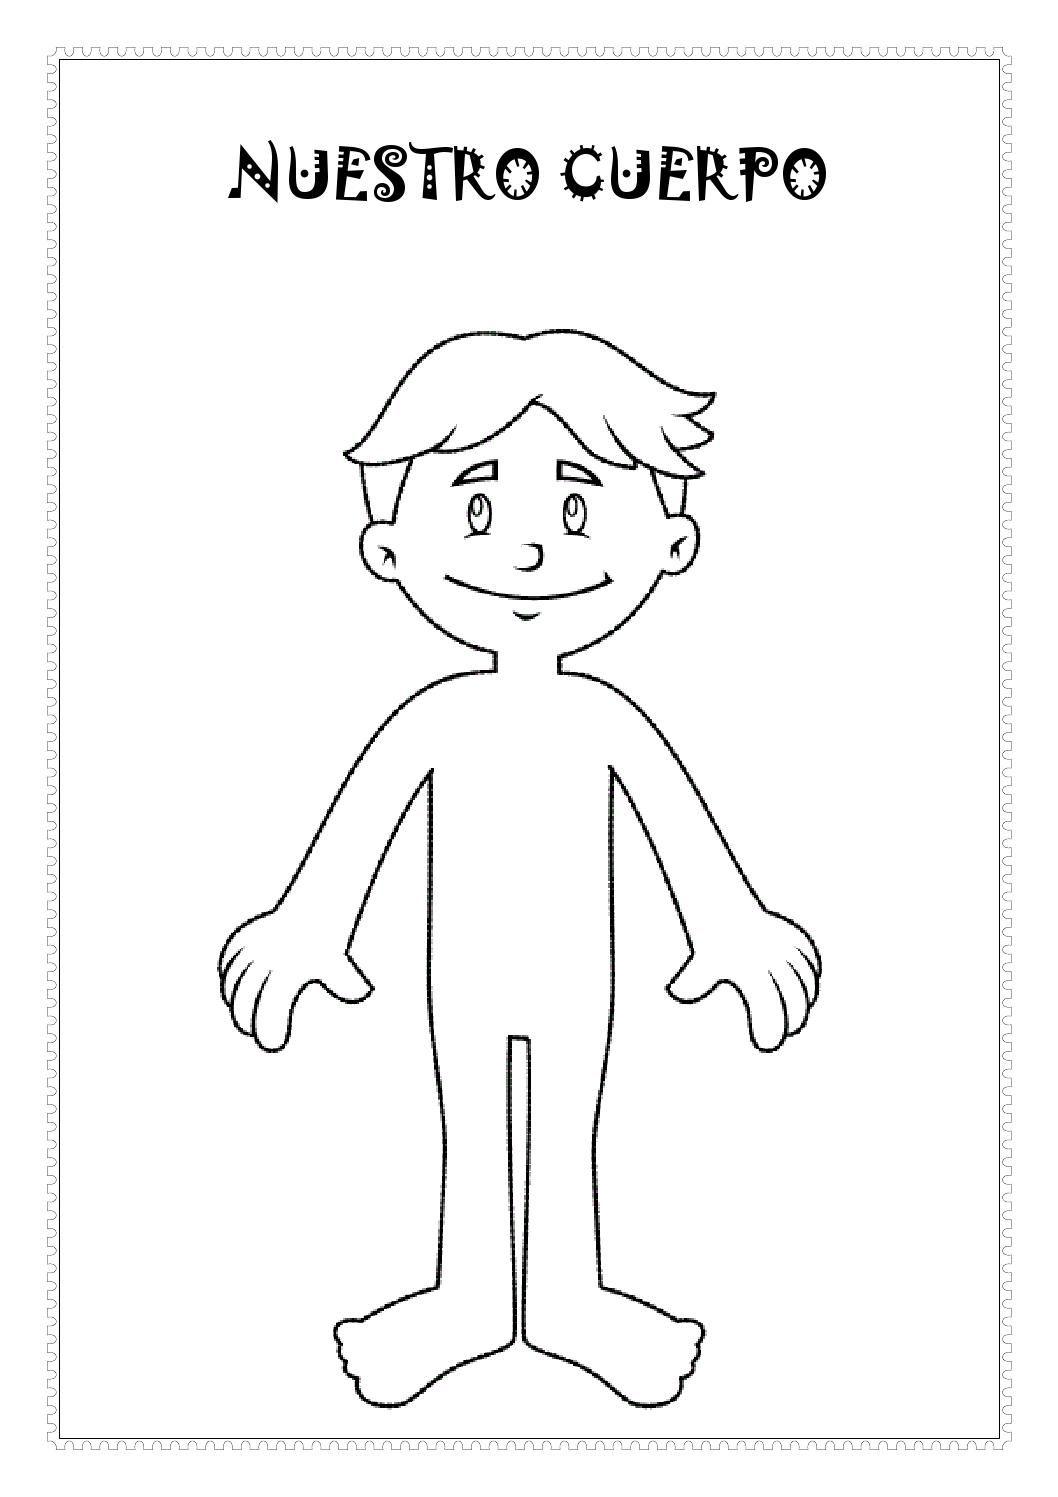 Fichas el cuerpo humano   Homeschool